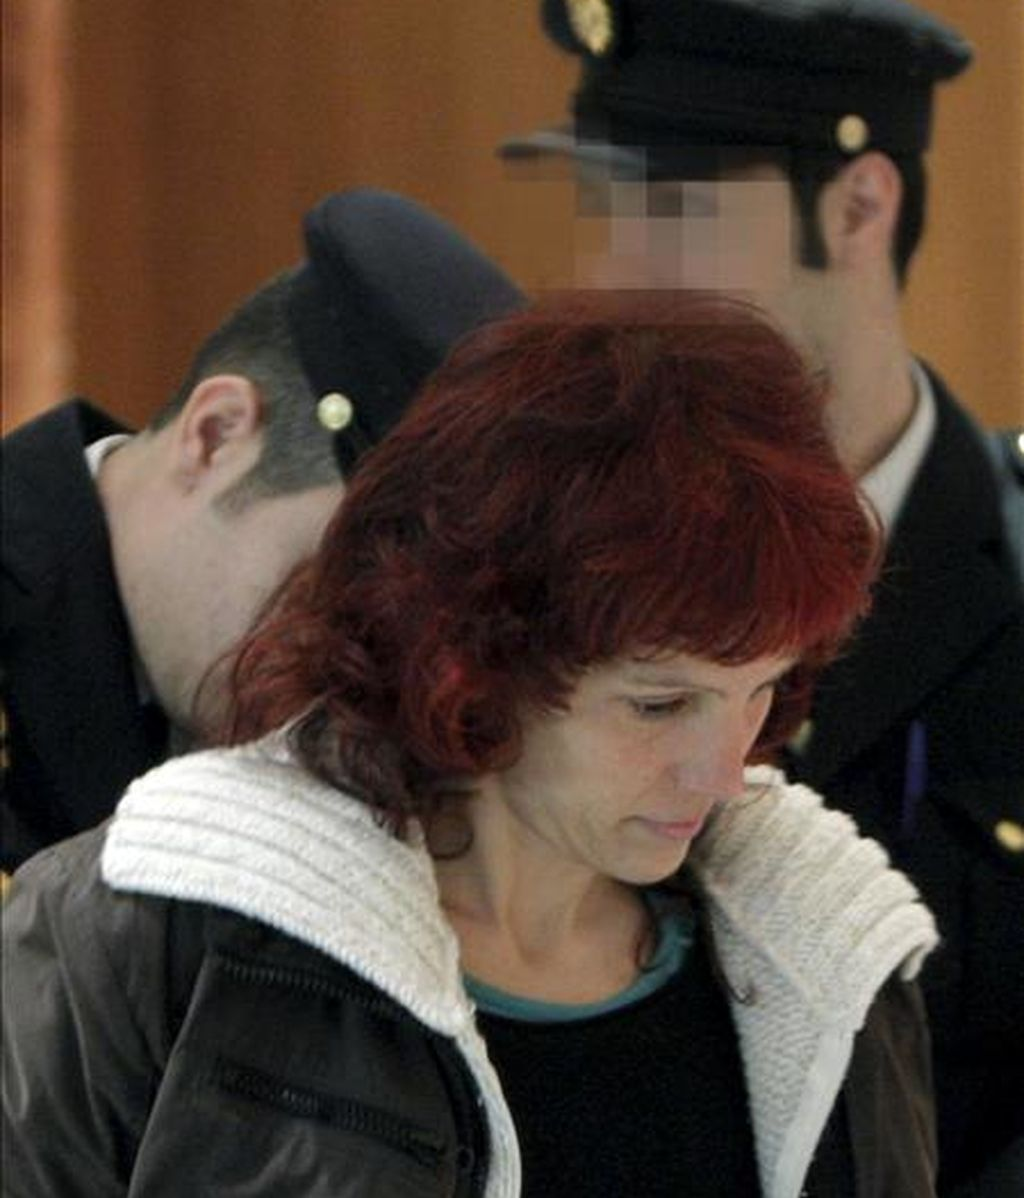 La etarra Ainhoa Múgica Goñi, en la Audiencia Nacional, donde ha sido condenada a 67 años por el atentado que mató a un mosso. EFE/Archivo